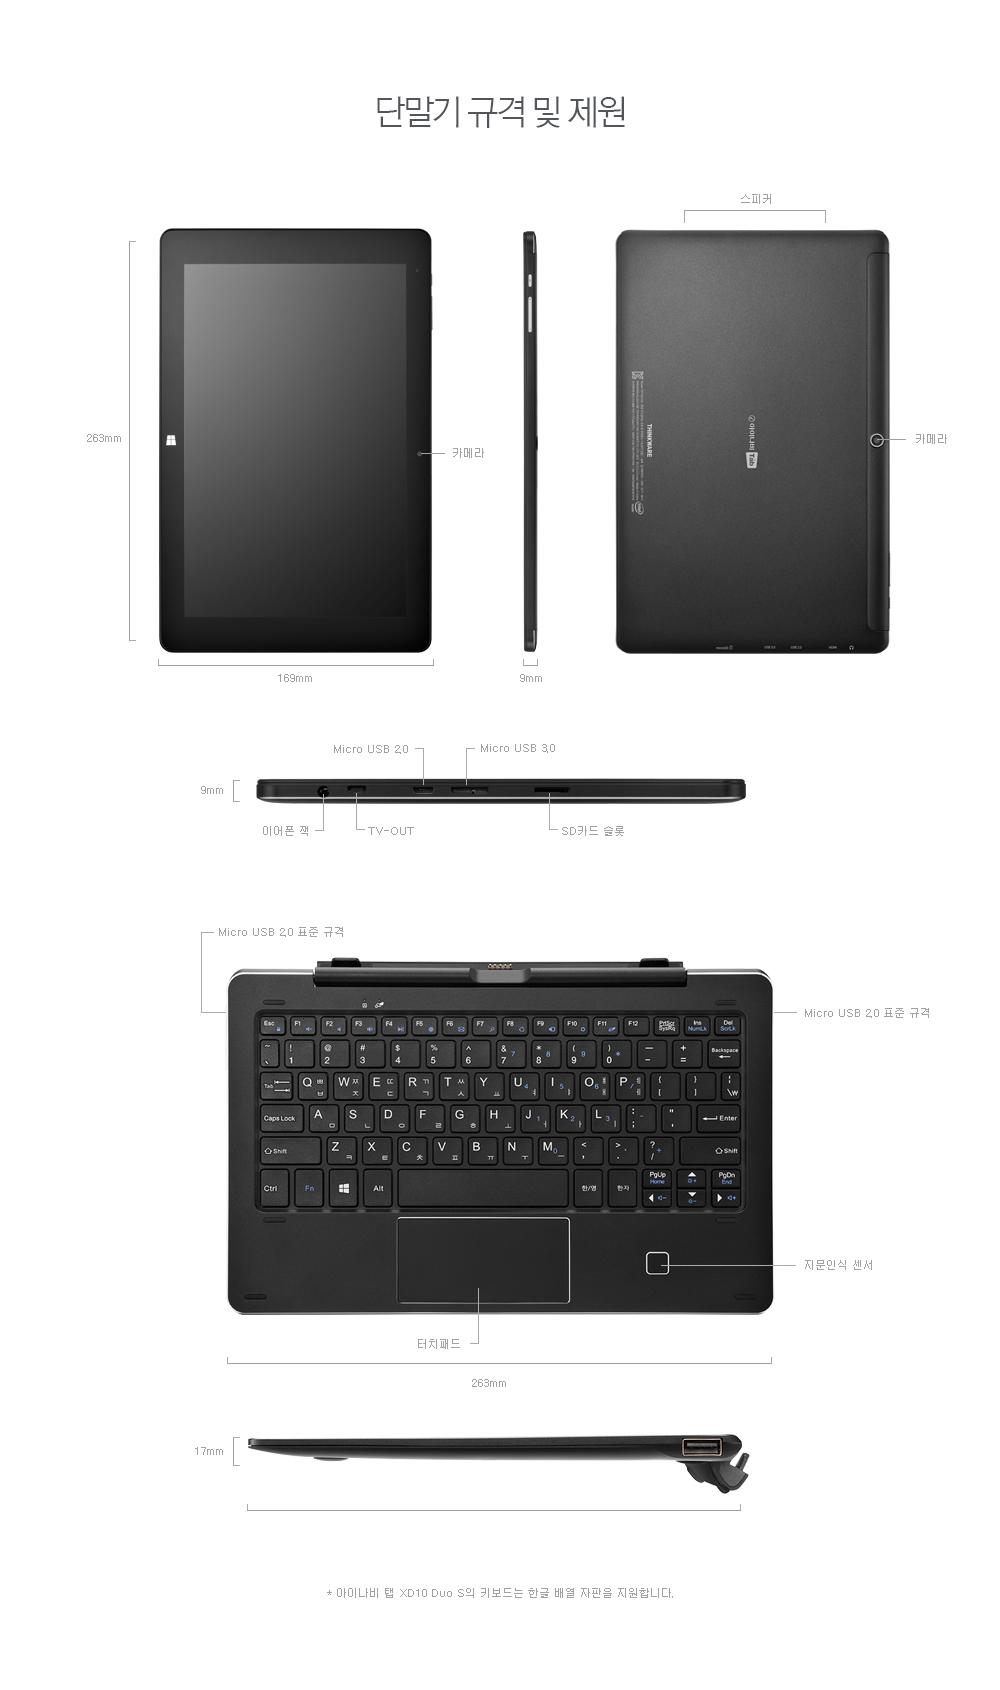 아이나비 Tab XD10 Duo S 스펙 정보